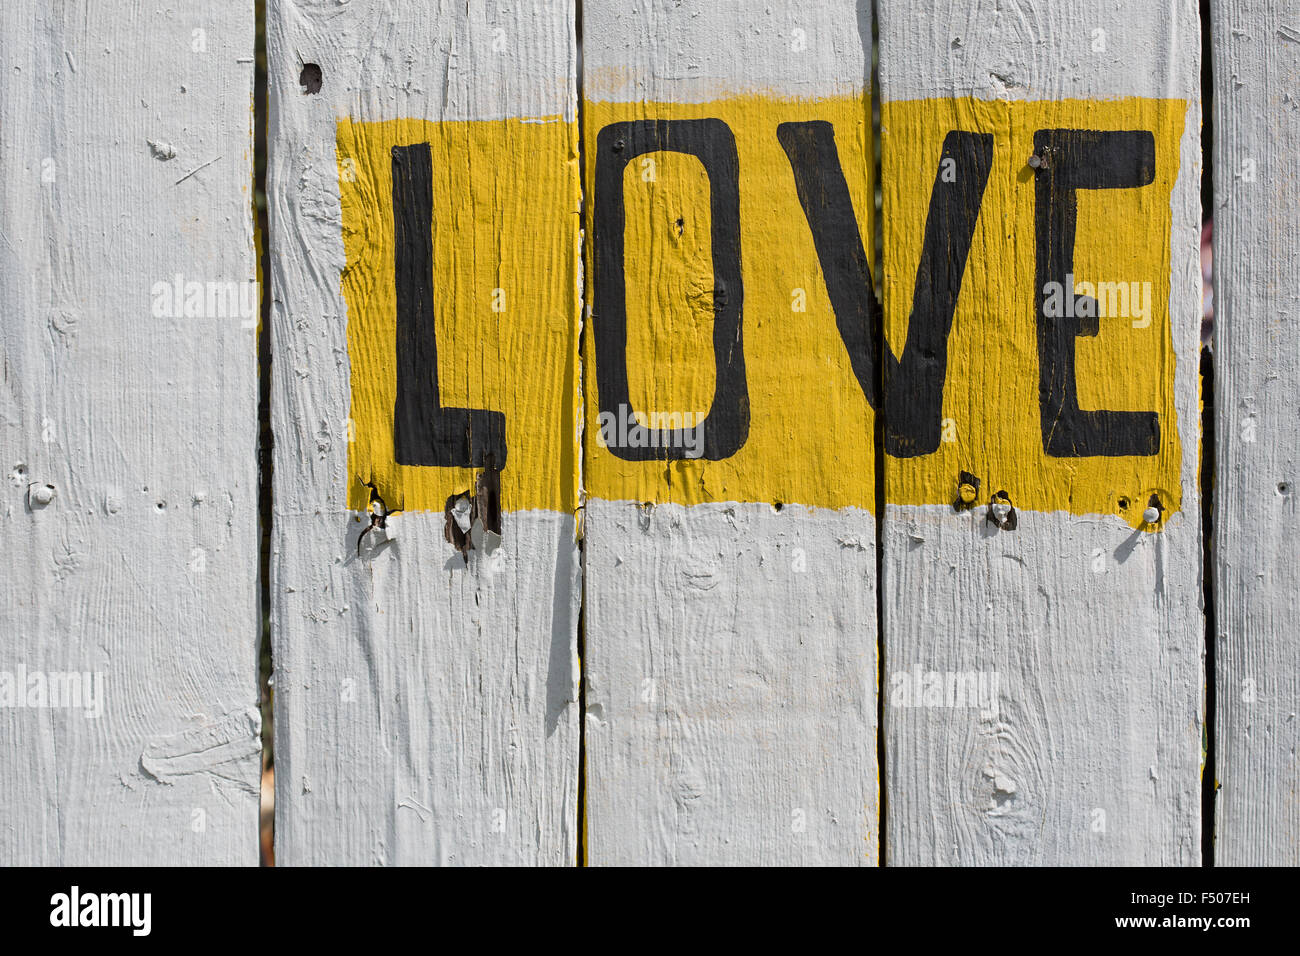 Le mot 'Amour' écrit sur un mur blanchi à la chaux Photo Stock